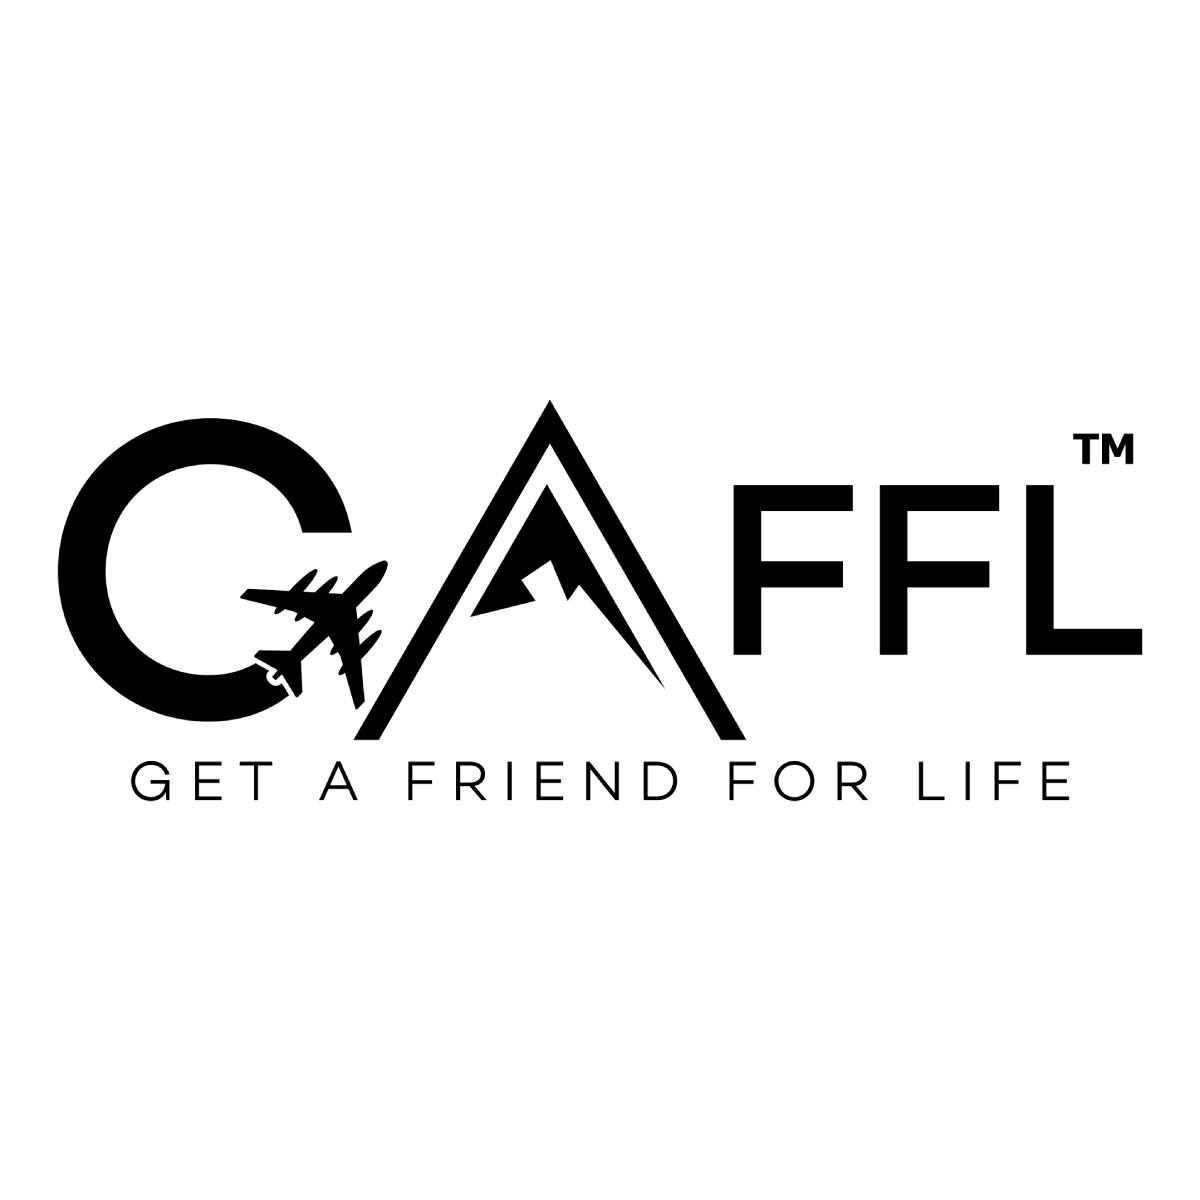 GAFFL